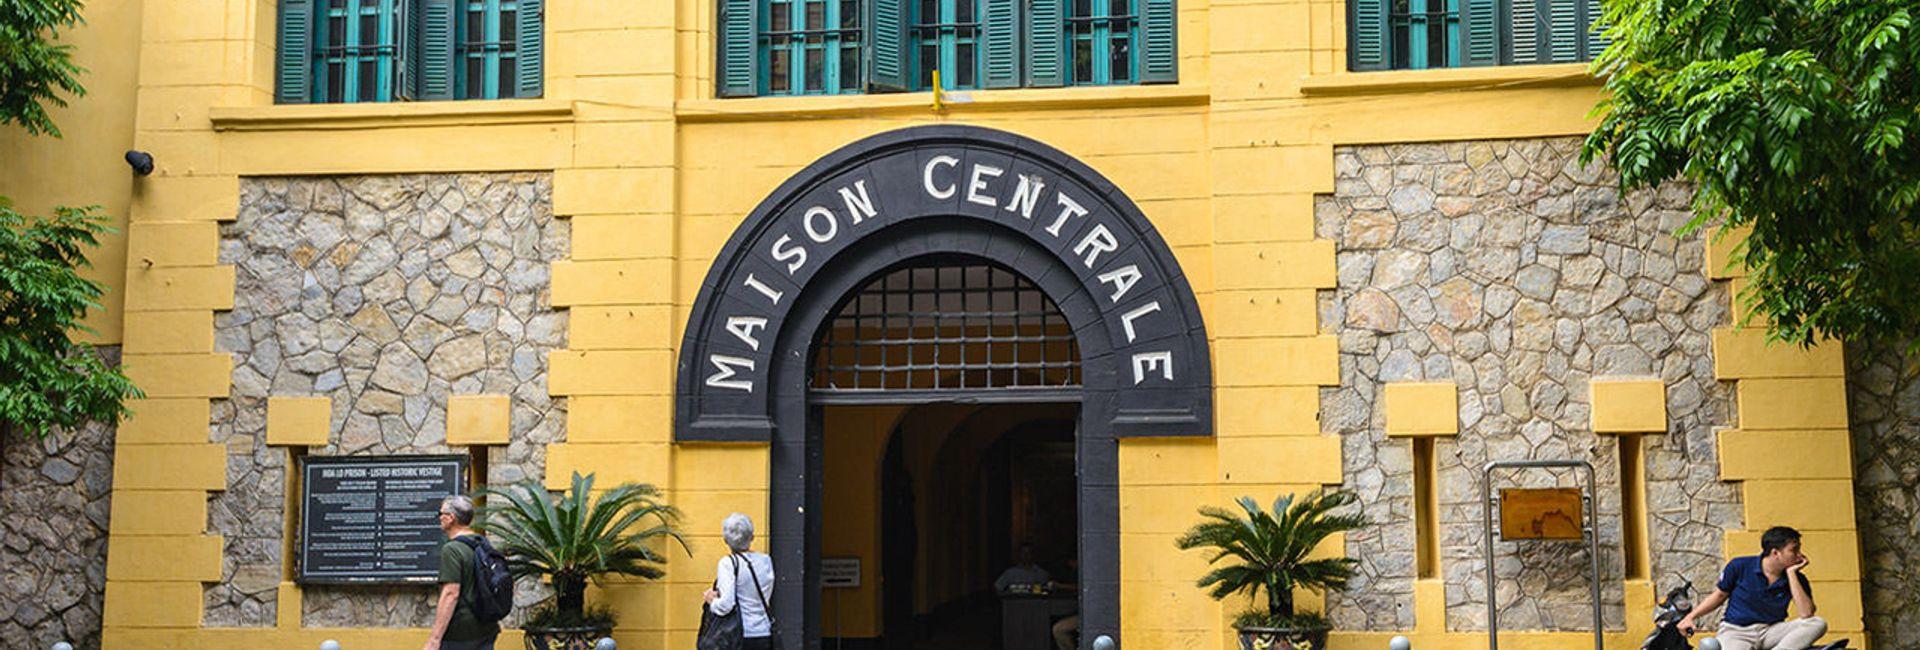 Ghé thăm nhà tù Hỏa Lò - di tích lịch sử nổi tiếng Hà Nội